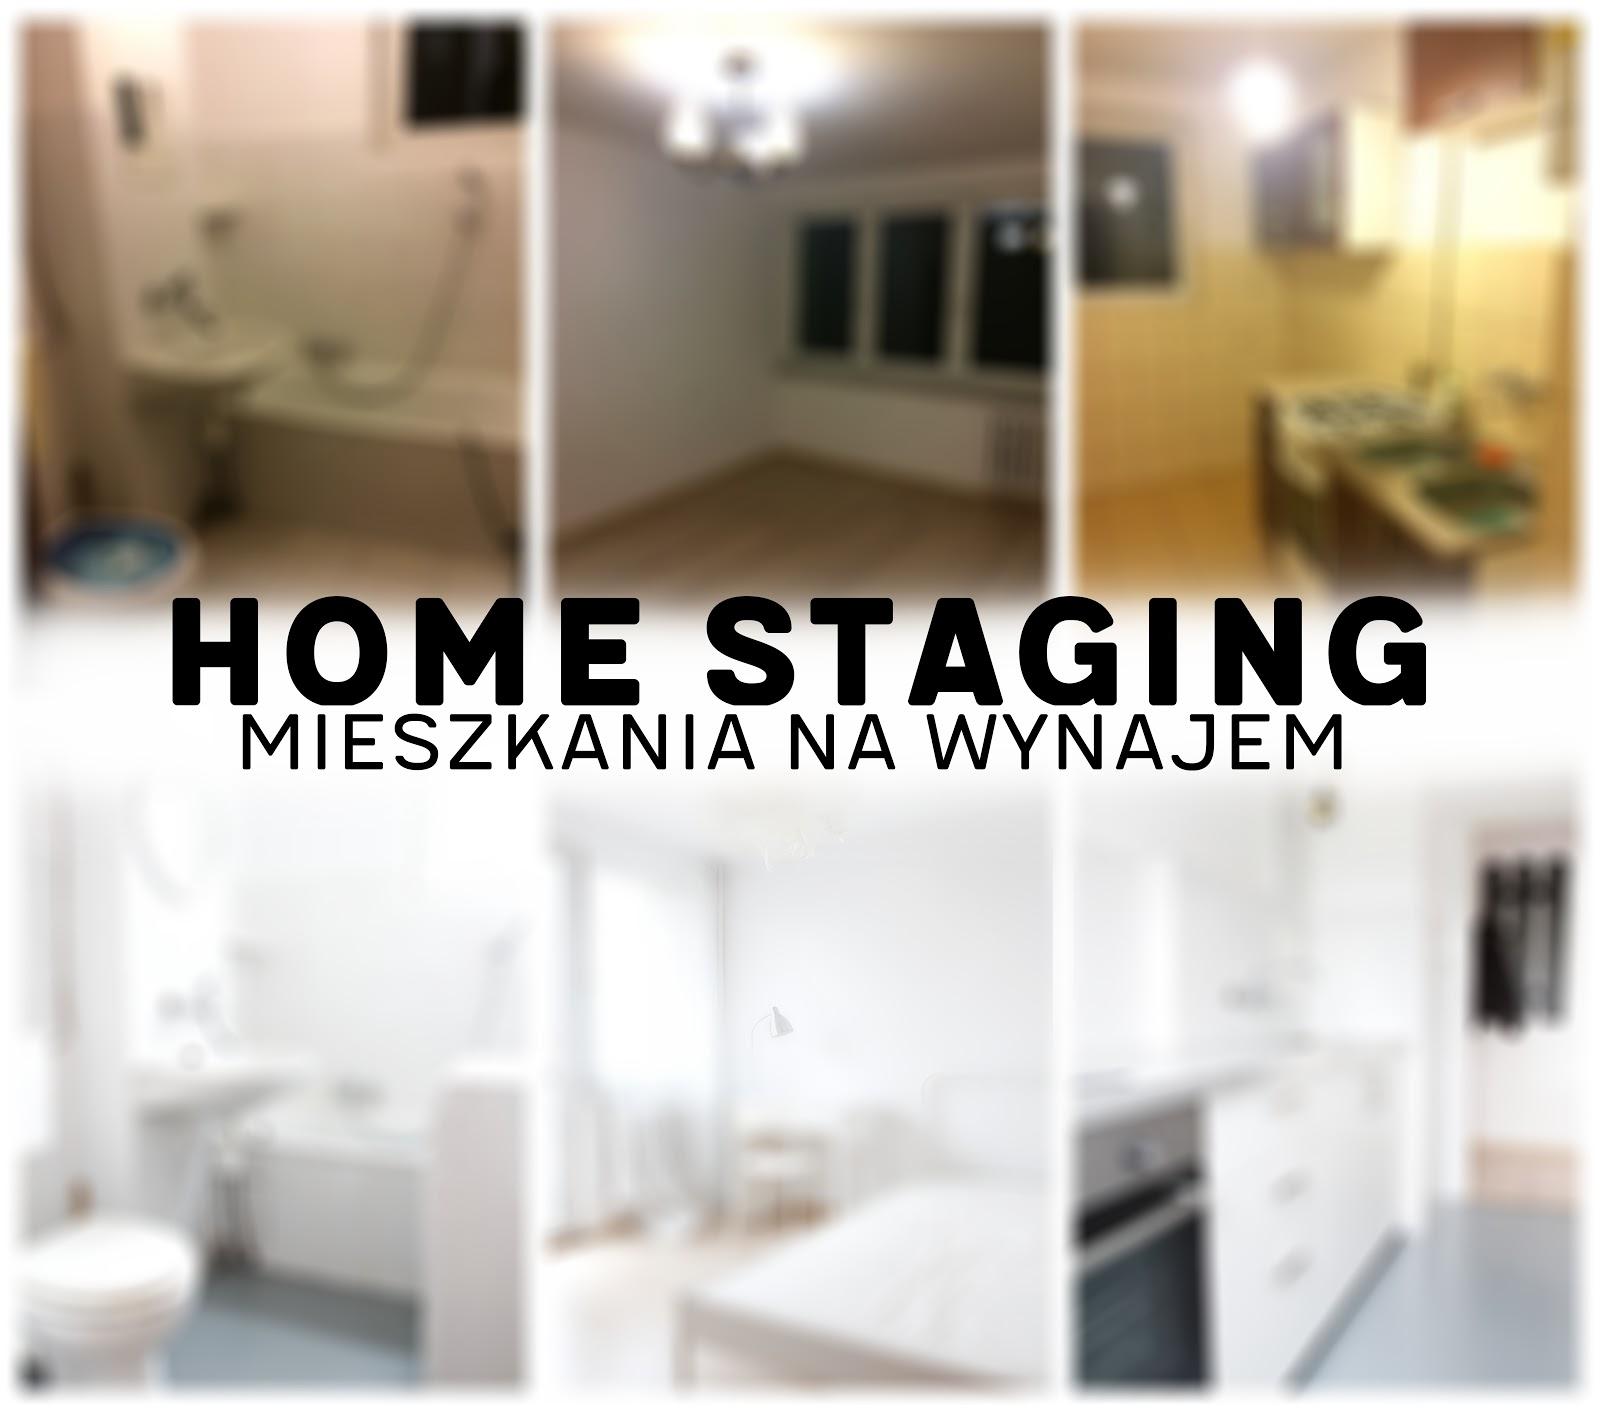 Malowanie Płytek Czyli Home Staging Mieszkania Na Wynajem